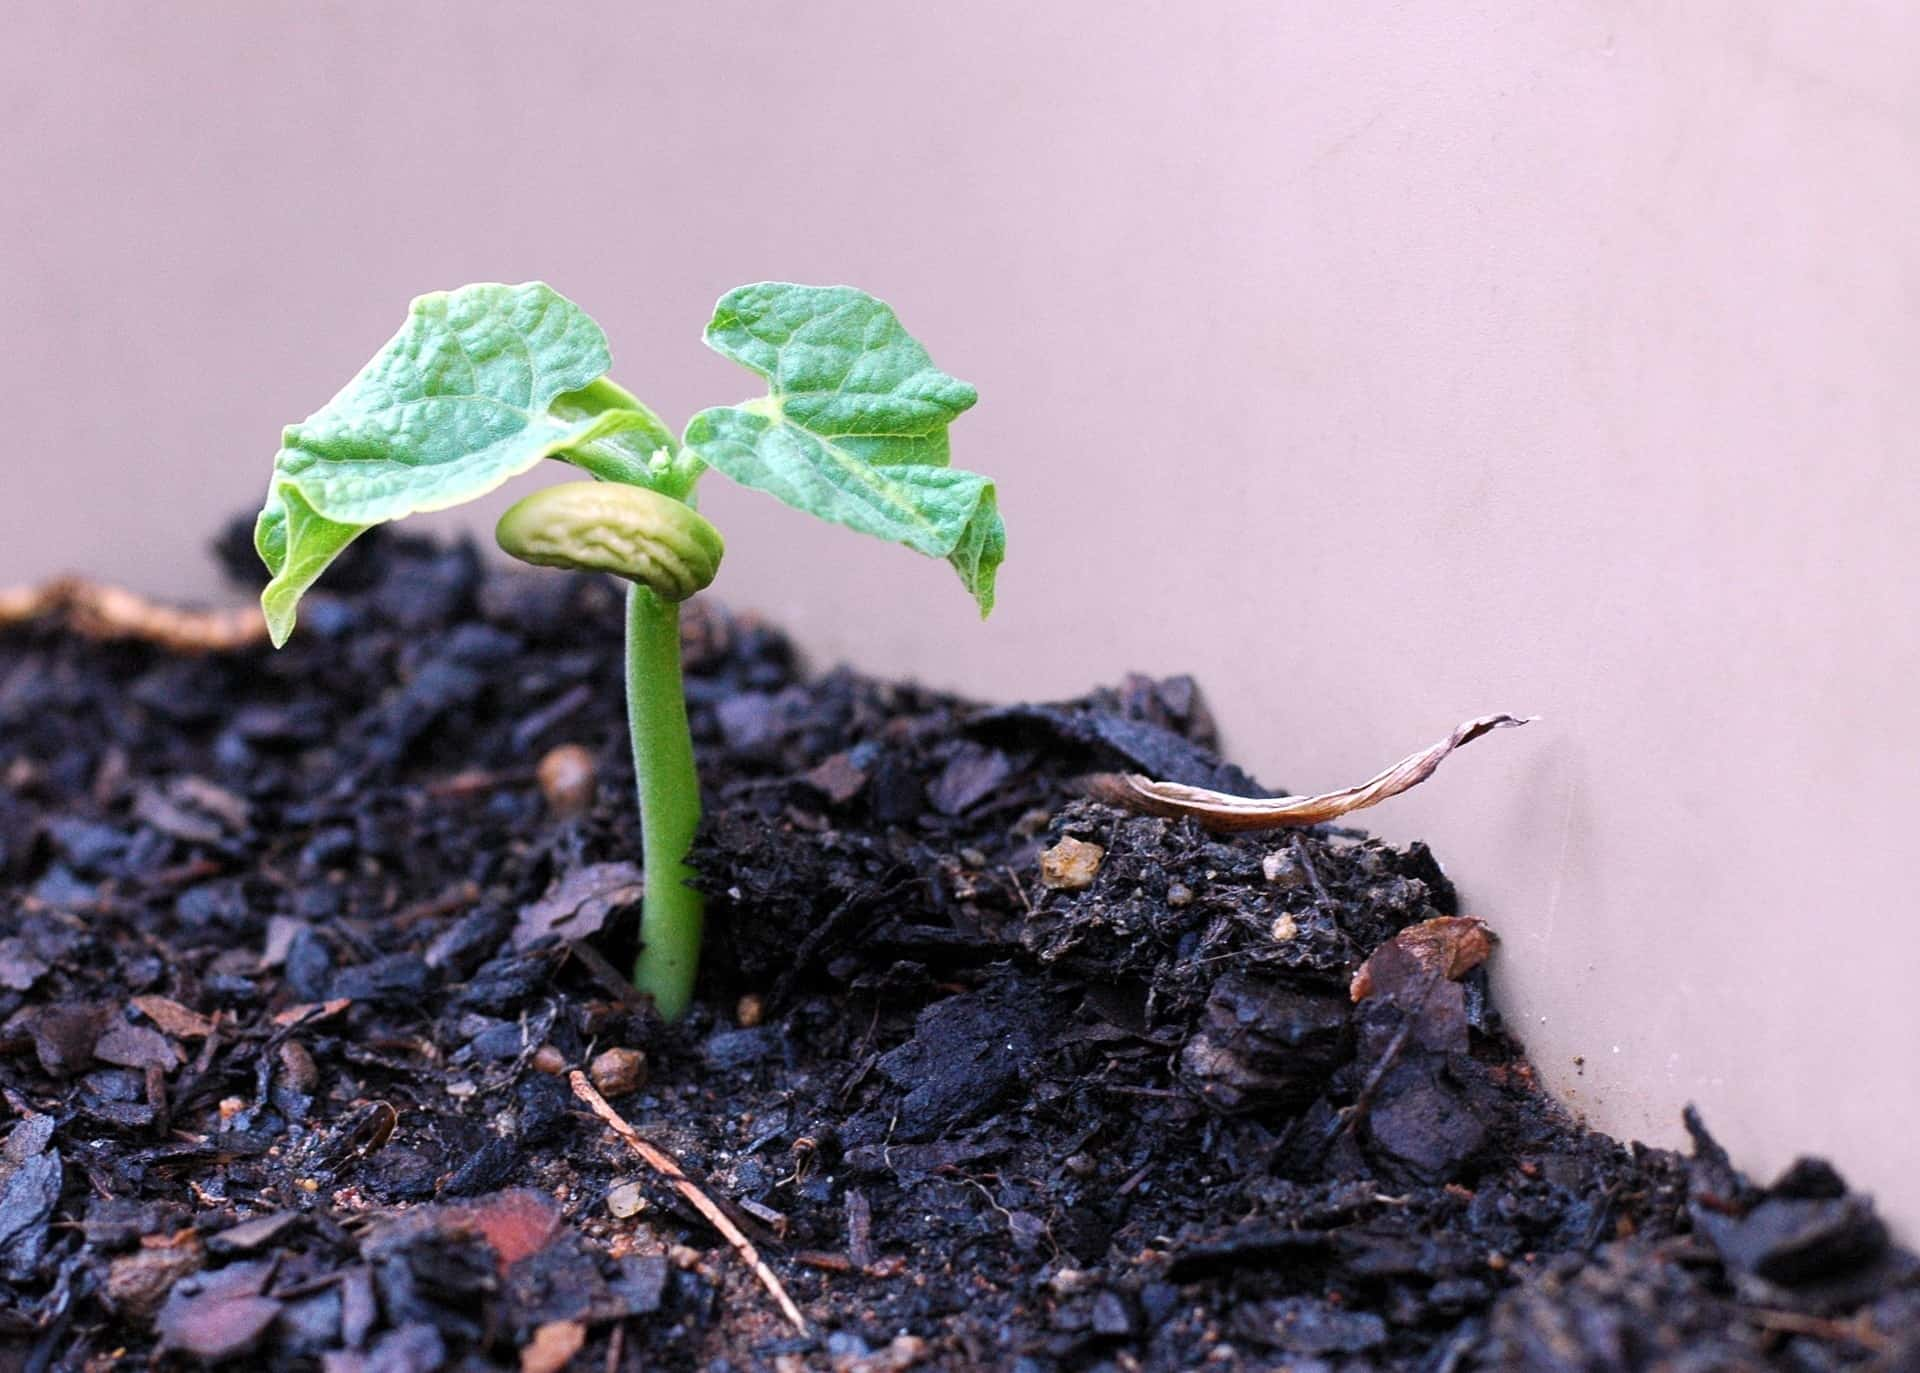 Anbau von bohnen im eigenen garten die wichtigsten tipps for Gartengestaltung unterschiedliche hohen